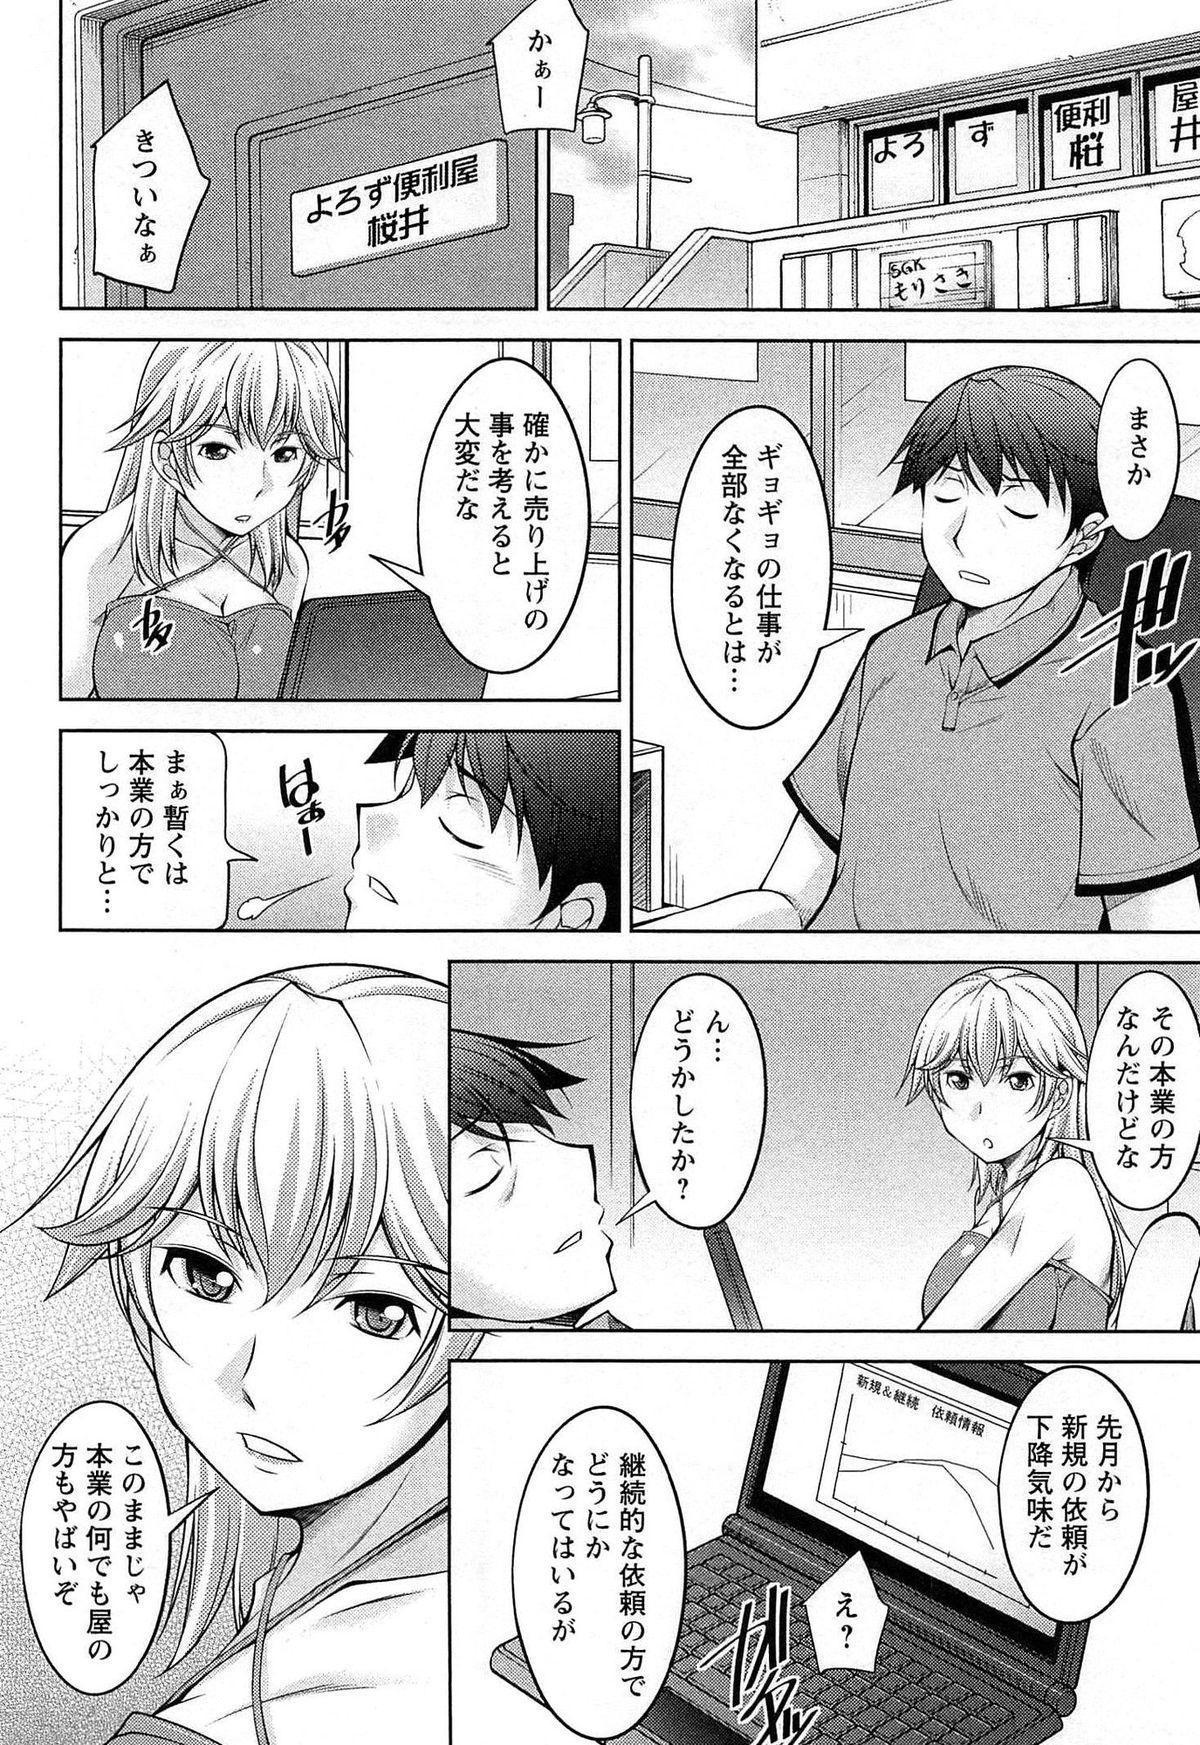 [zen9] Tsuki-wo Ai-Shite - Tsuki-ni Koi-shite 2 118